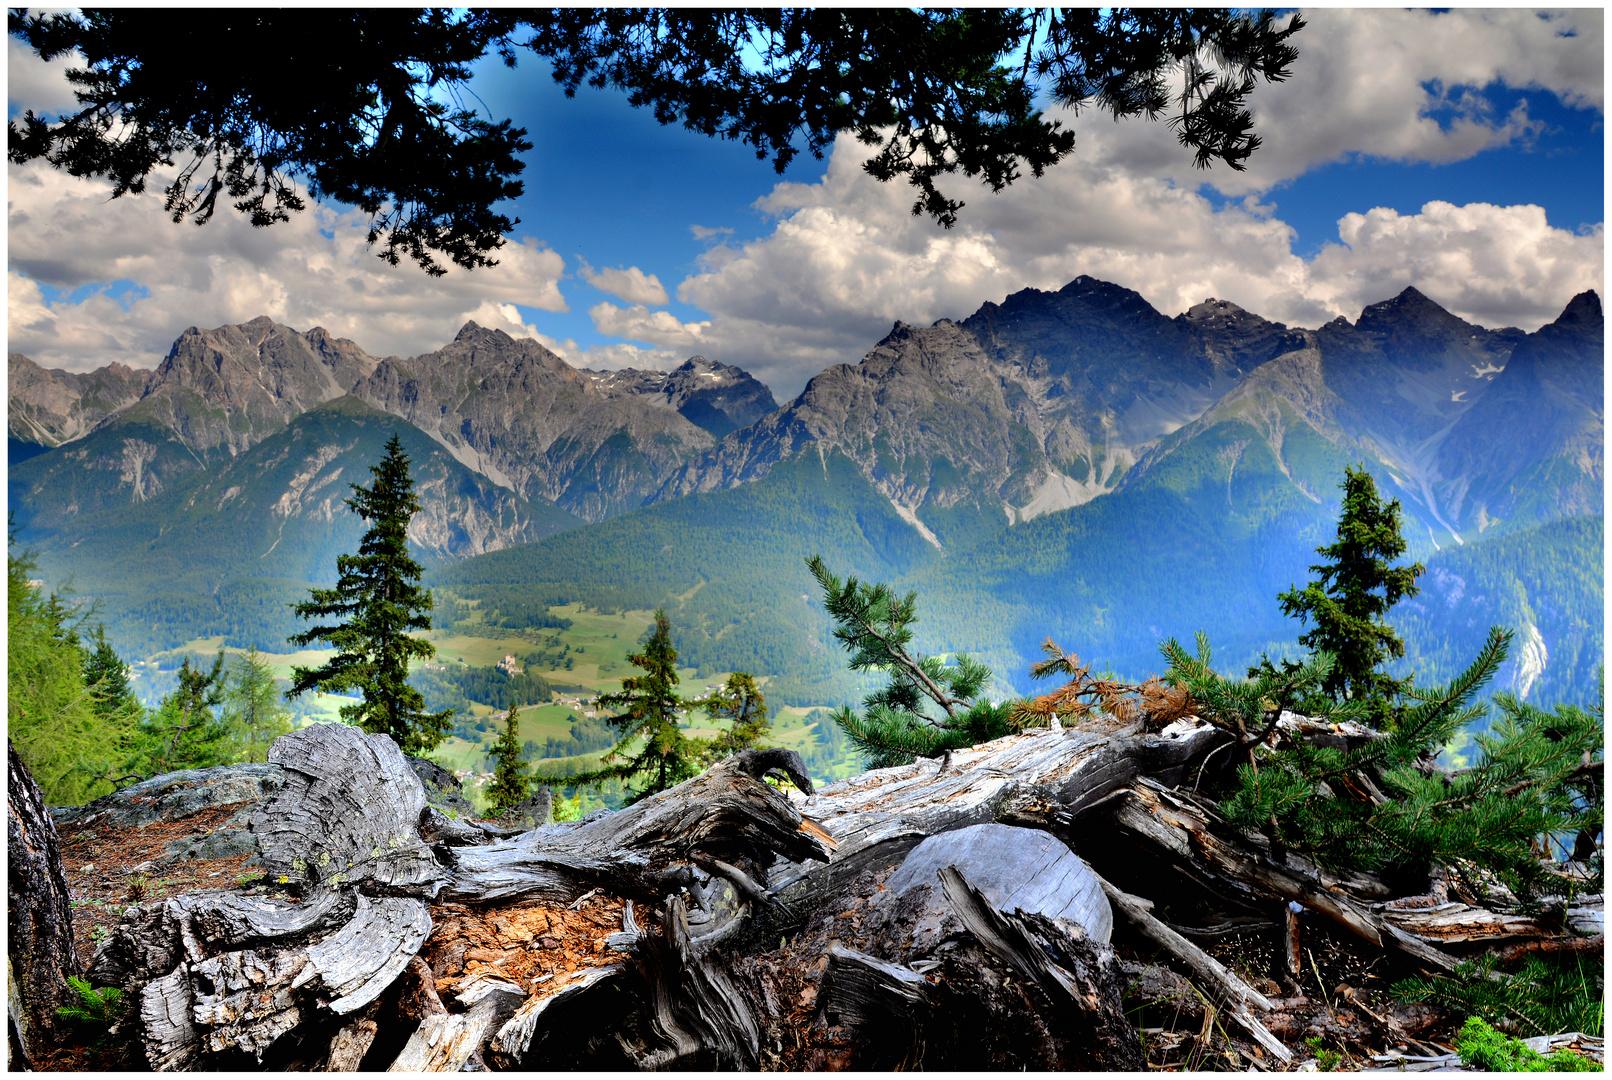 schweizer landschaften 160 foto bild natur schweiz landschaft bilder auf fotocommunity. Black Bedroom Furniture Sets. Home Design Ideas